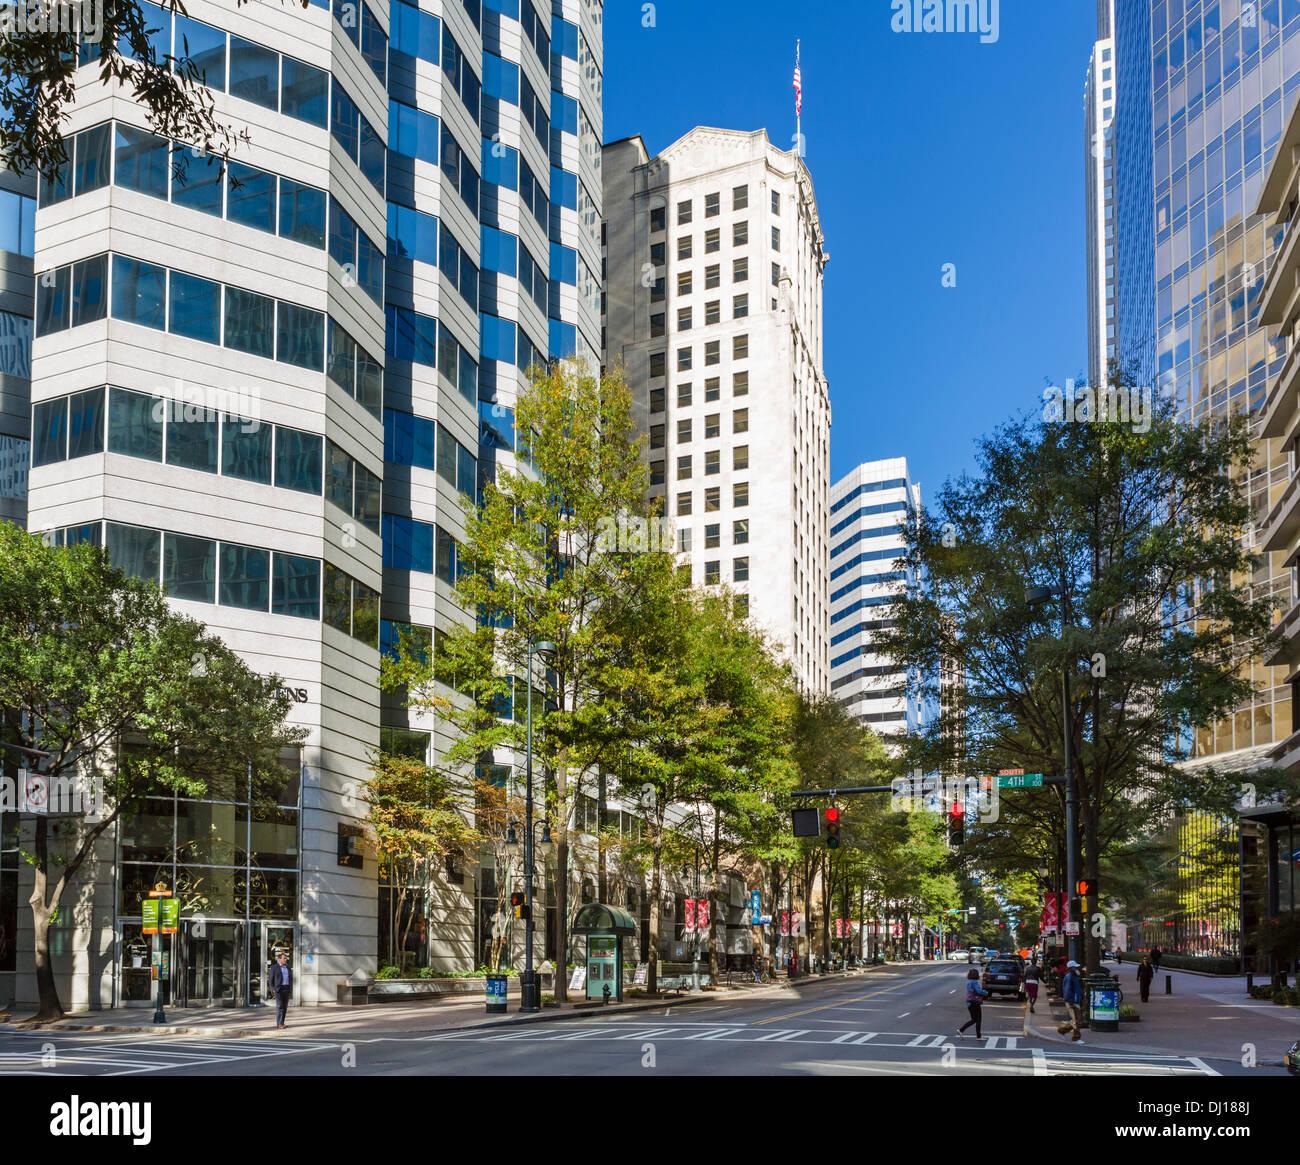 Bürogebäude in der North Tryon Street in der Innenstadt von Charlotte, North Carolina, USA Stockbild